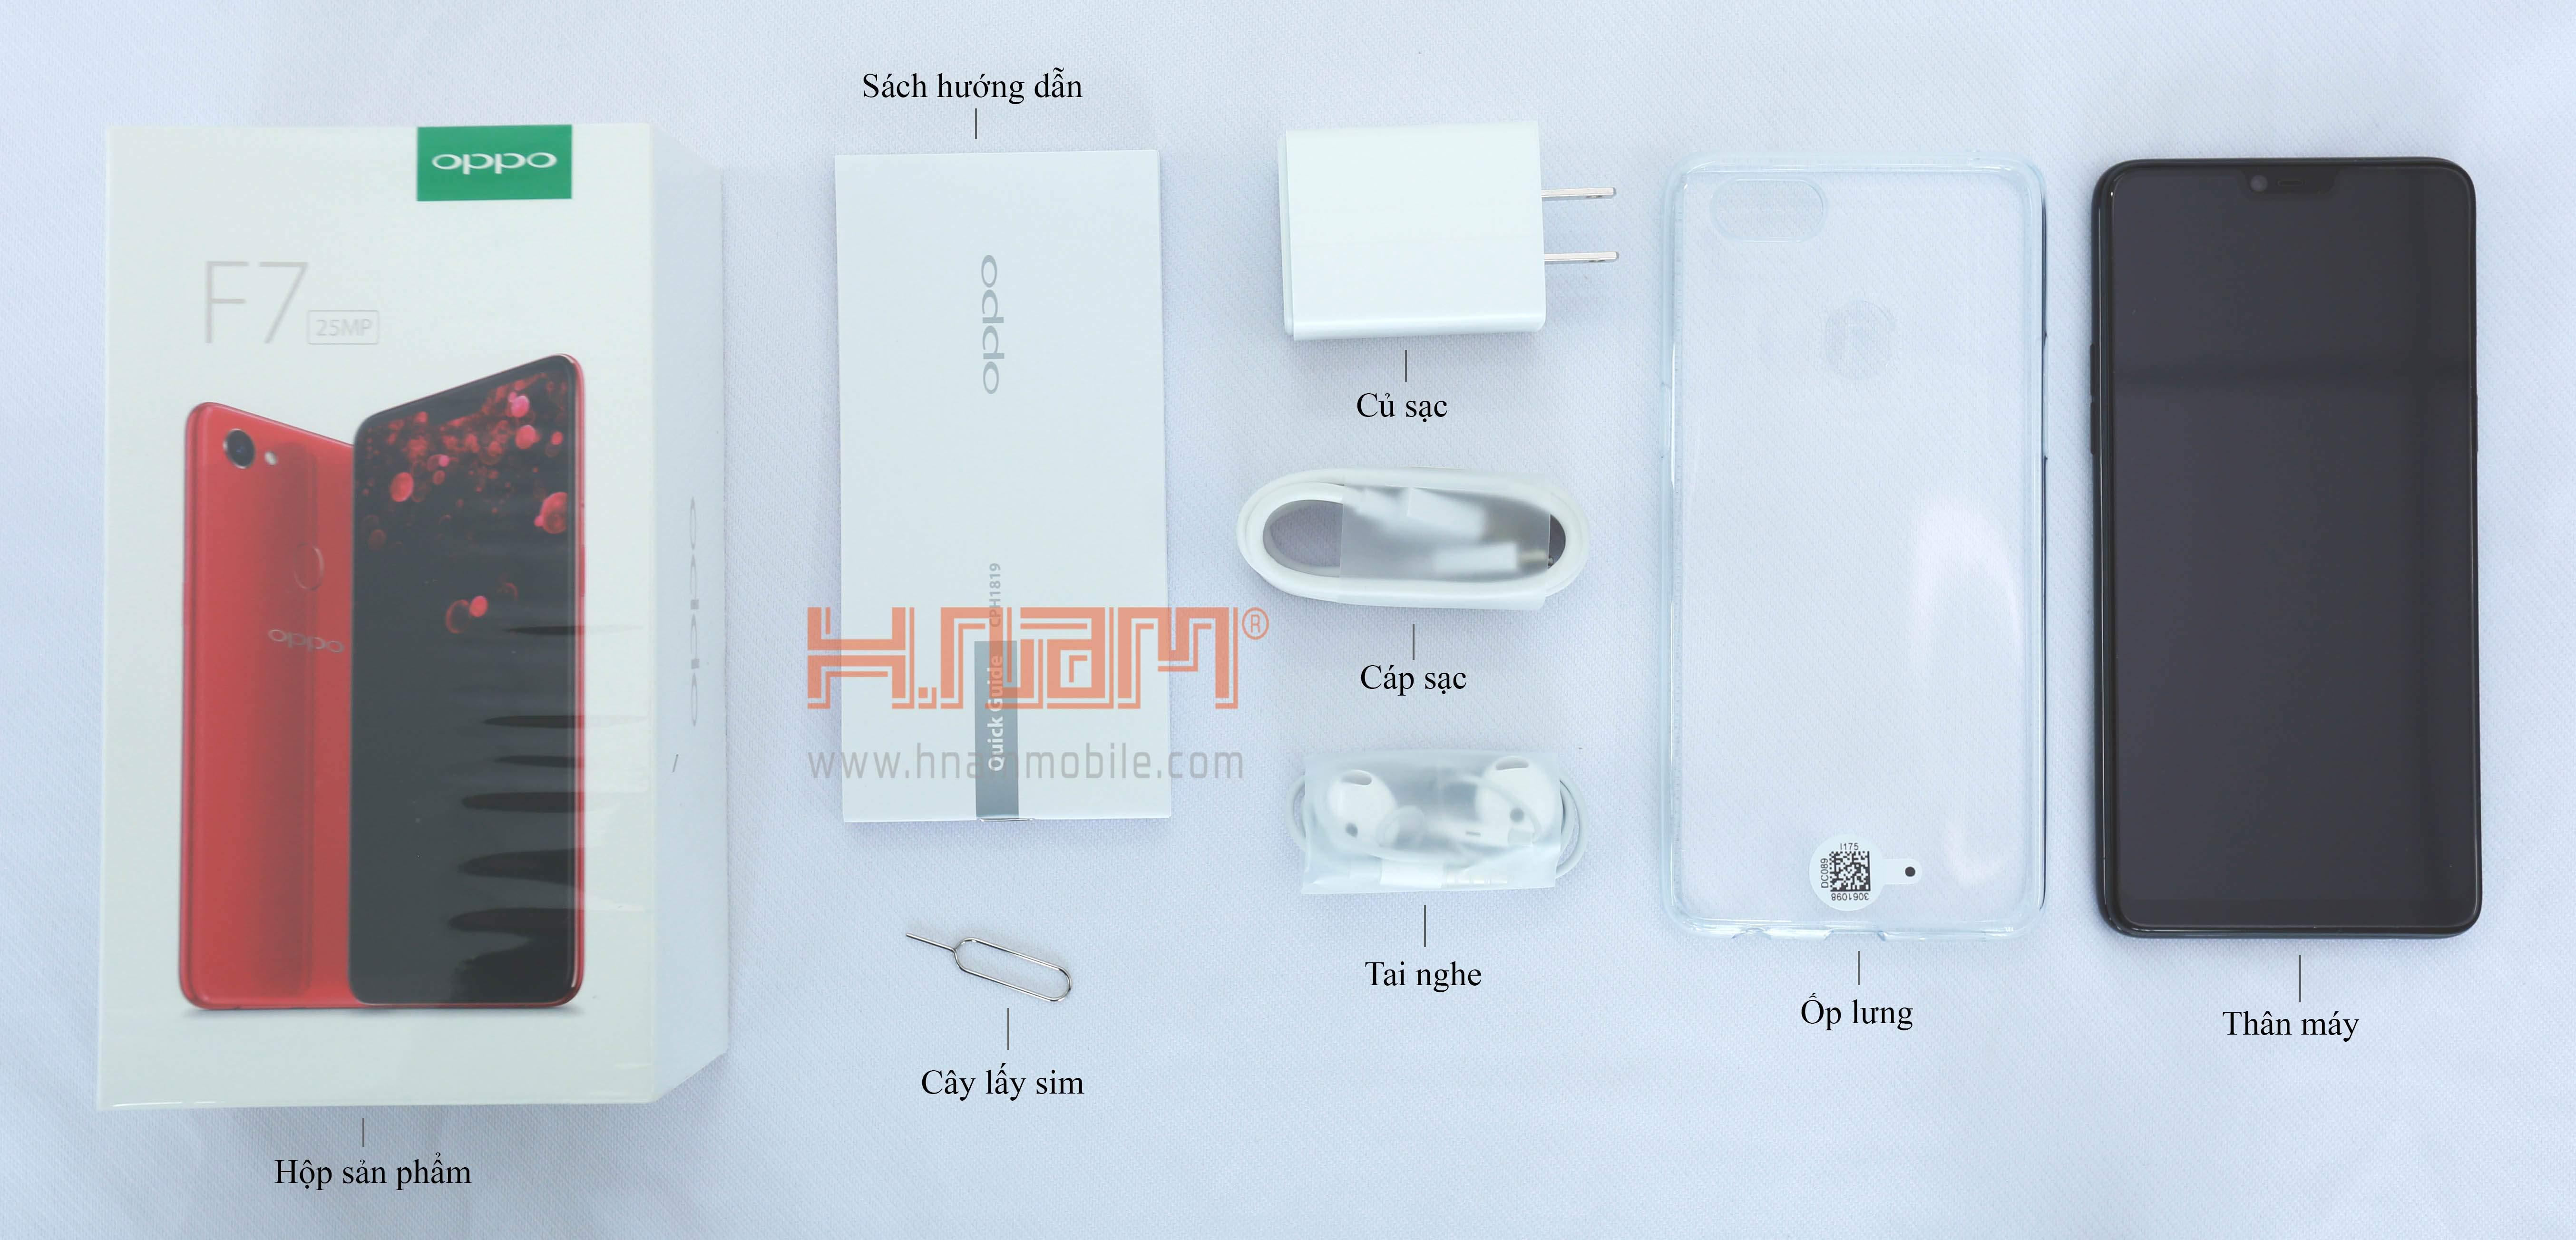 Oppo F7 128Gb hình sản phẩm 0